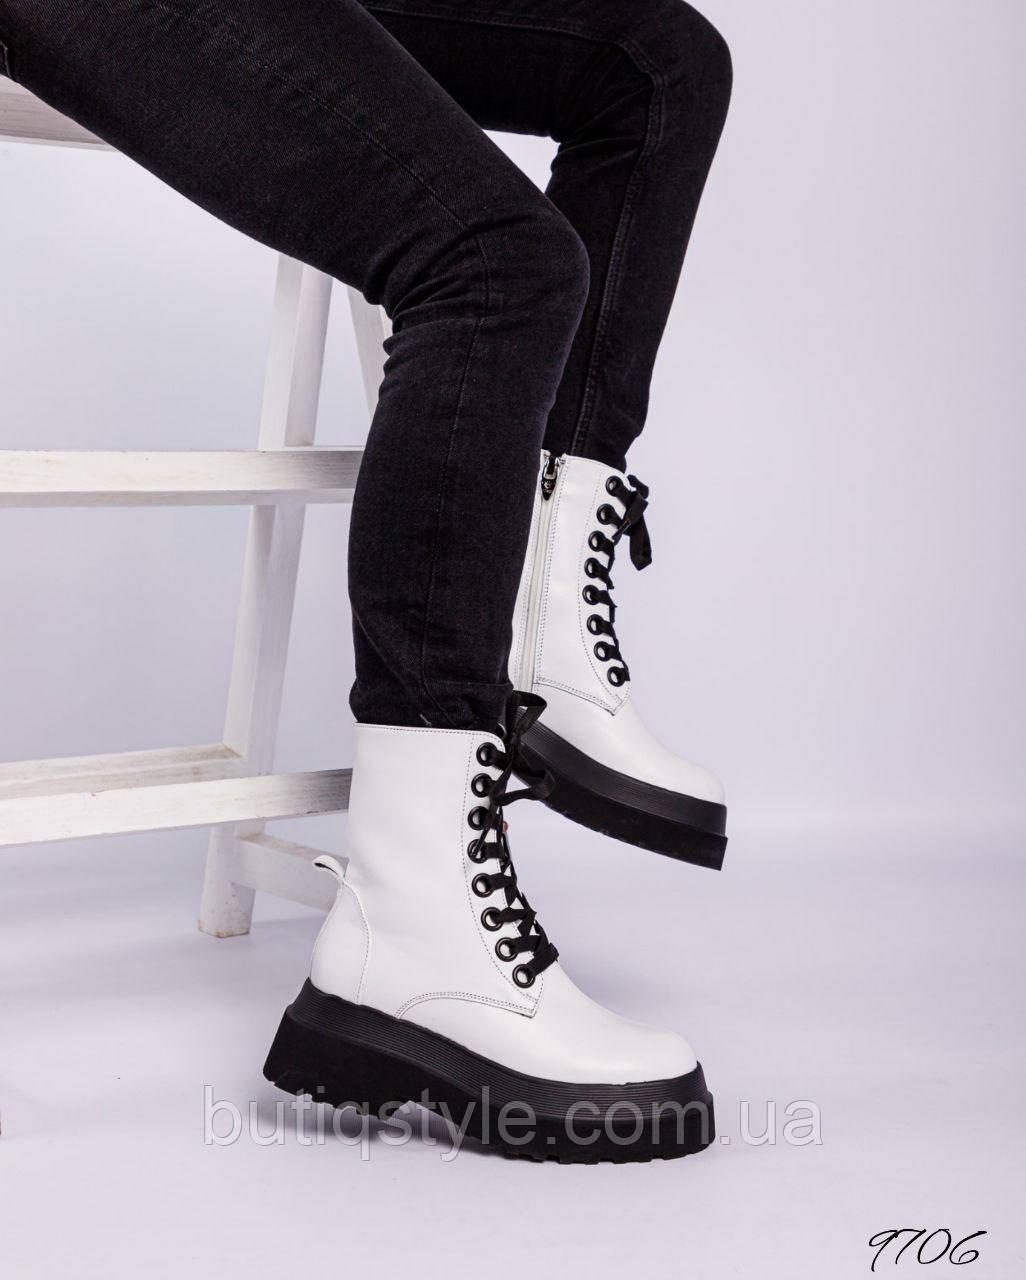 Женские белые ботинки натуральная кожа на шнуровке Деми